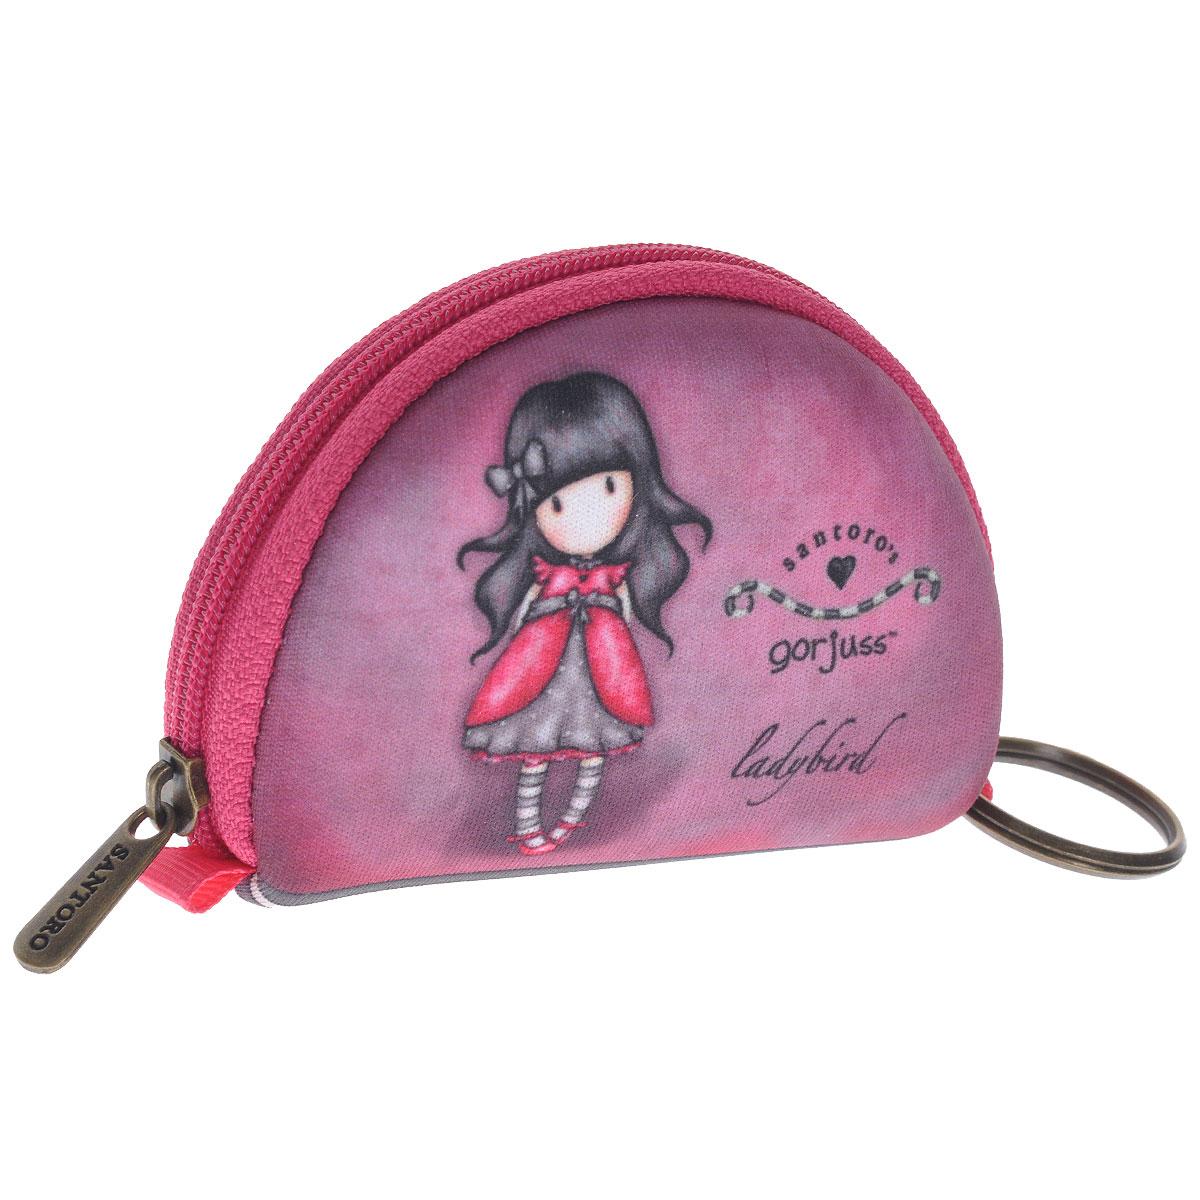 Мини кошелечек Ladybird. 0012180W16-11128_323Мини кошелек Ladybird не позволит потеряться ни одной идеев потоке событий и станет прекрасным подарком для любительницыоригинальных вещиц. Кошелек выполнен из полиуретана розового цвета иоформлен стилизованным рисунком шотландской художницы Сюзан Вулкотт(Suzanne Woolcott) с изображением основного персонажа своихпроизведений - девочки Горджус (Gorjuss).Кошелек, застегивающийся на молнию и также имеет кольцо для ключей. Характеристики:Материал:полиуретан, металл. Размер:9 см х 6 см х 2 см. Цвет: розовый.